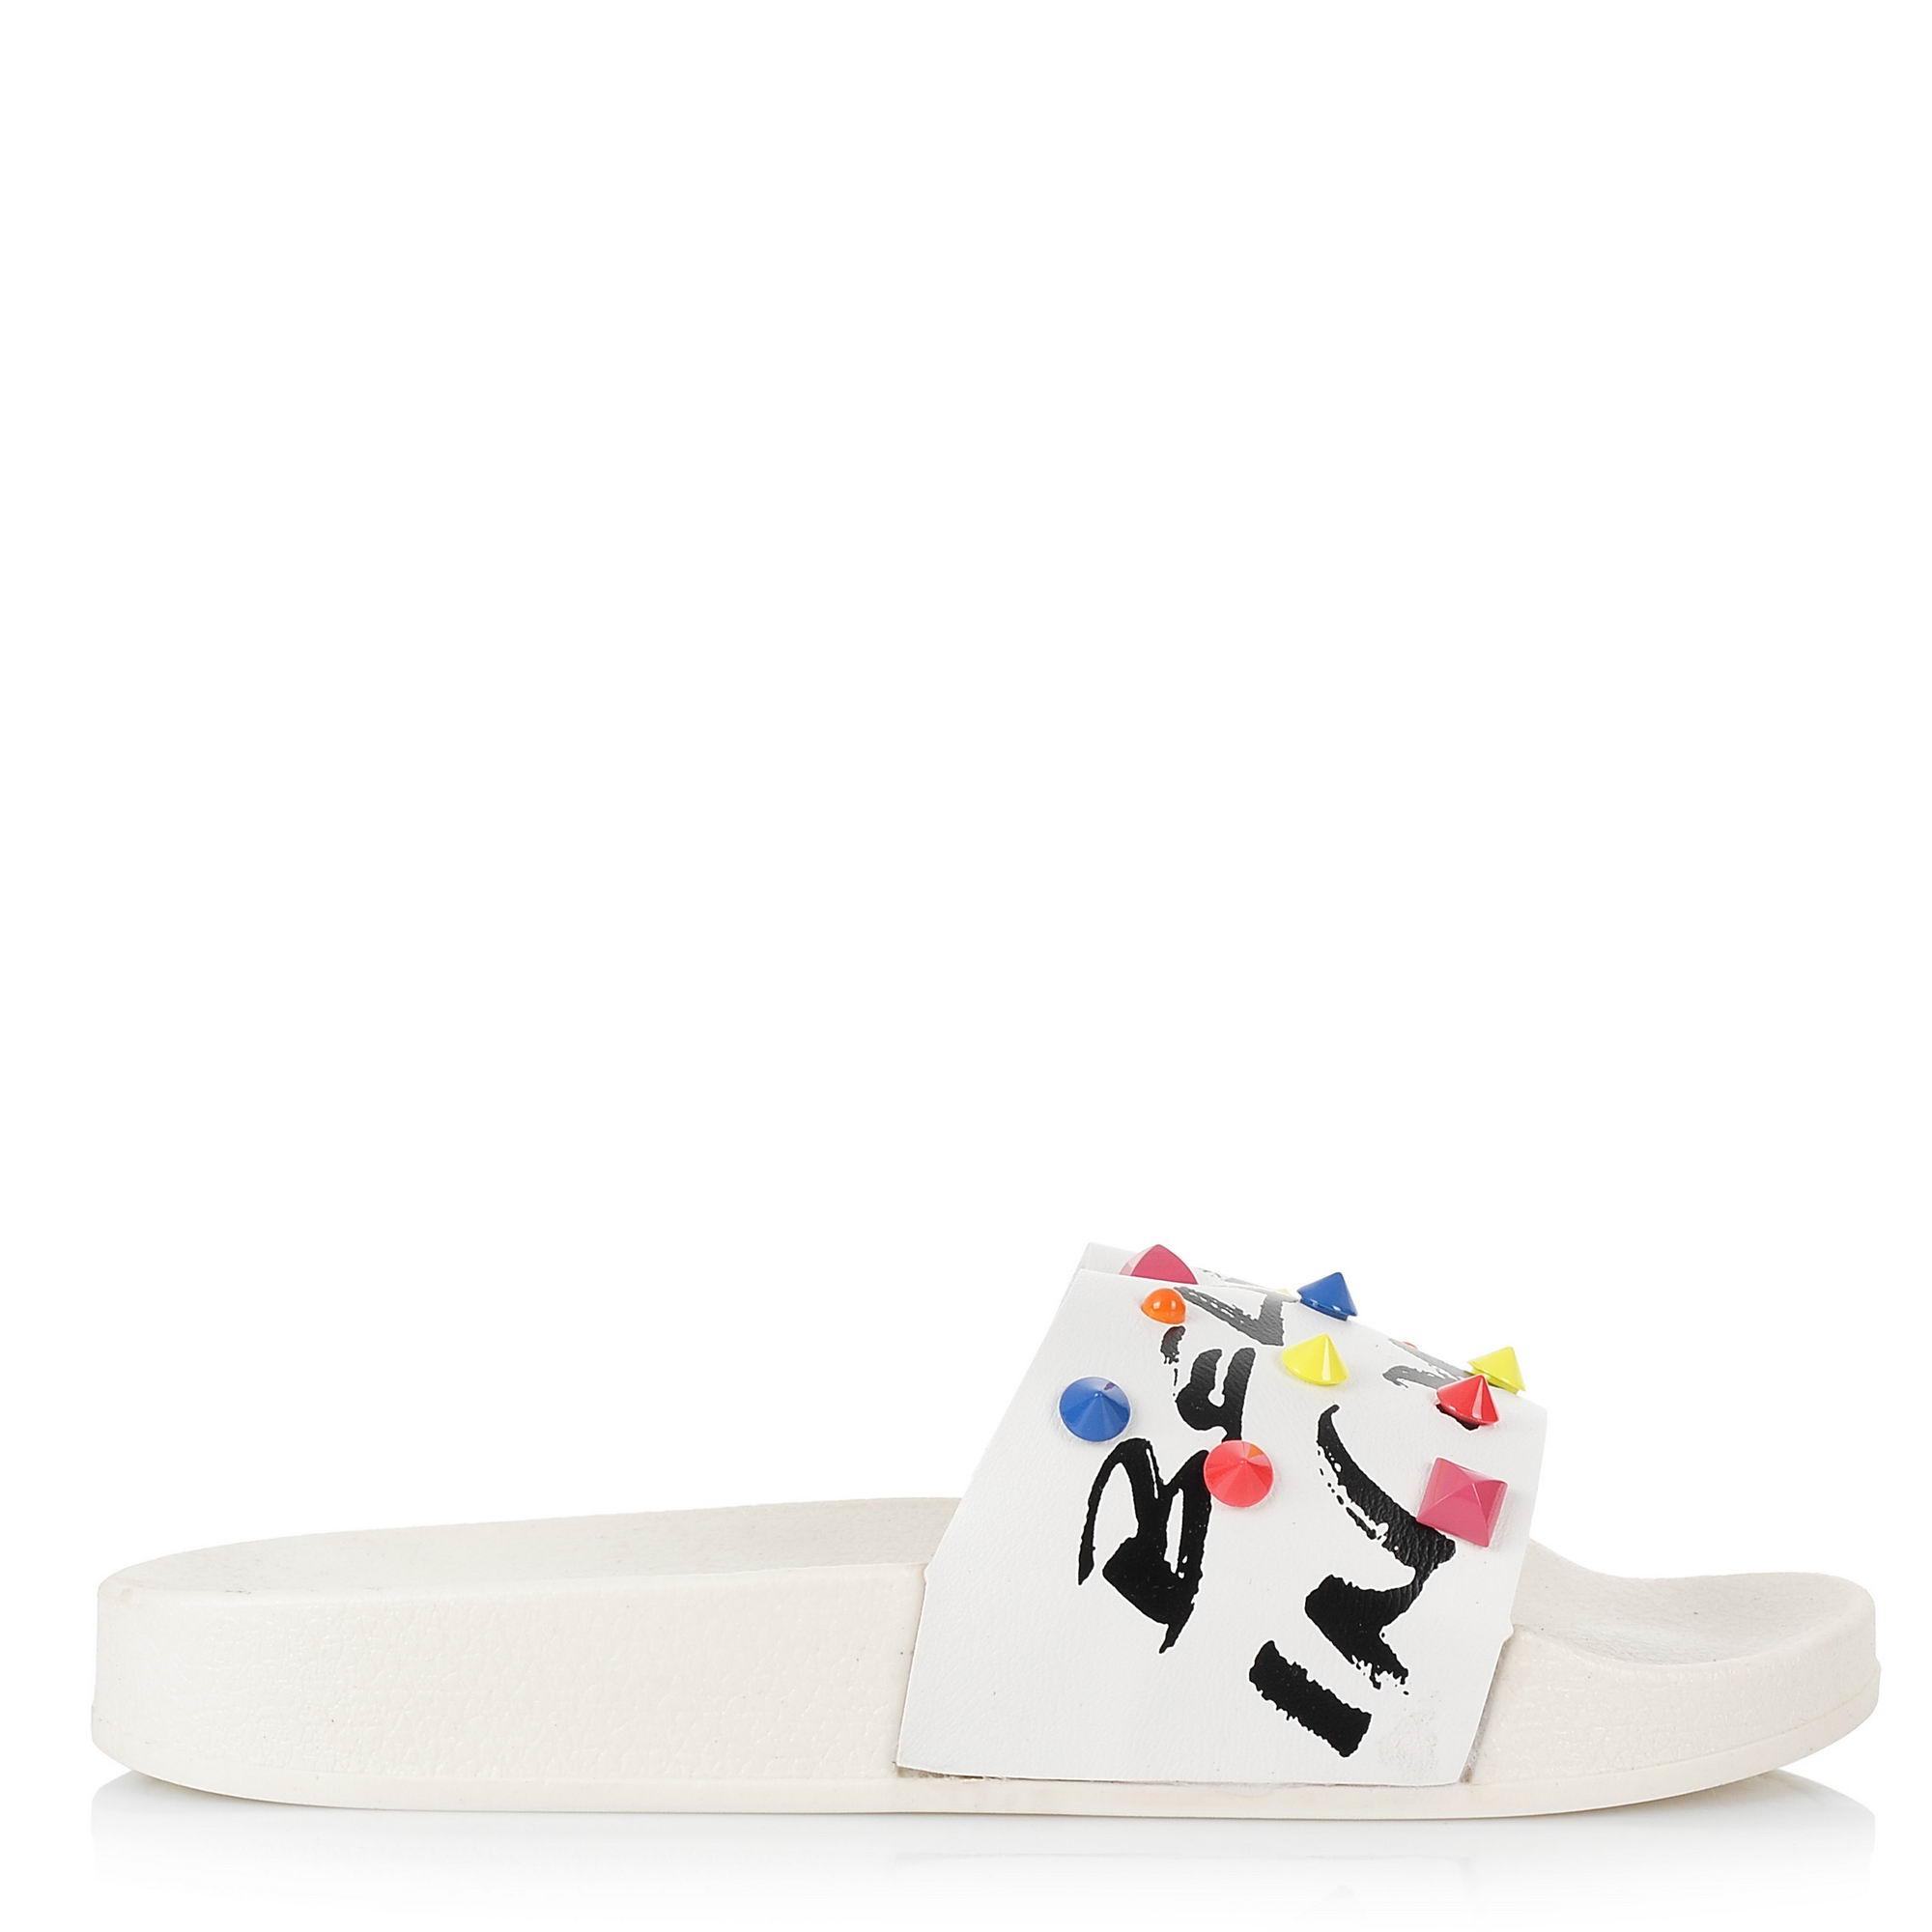 Σαγιονάρες Desigual Shoes Slide Candy 18SSP54 γυναικα   γυναικείο παπούτσι